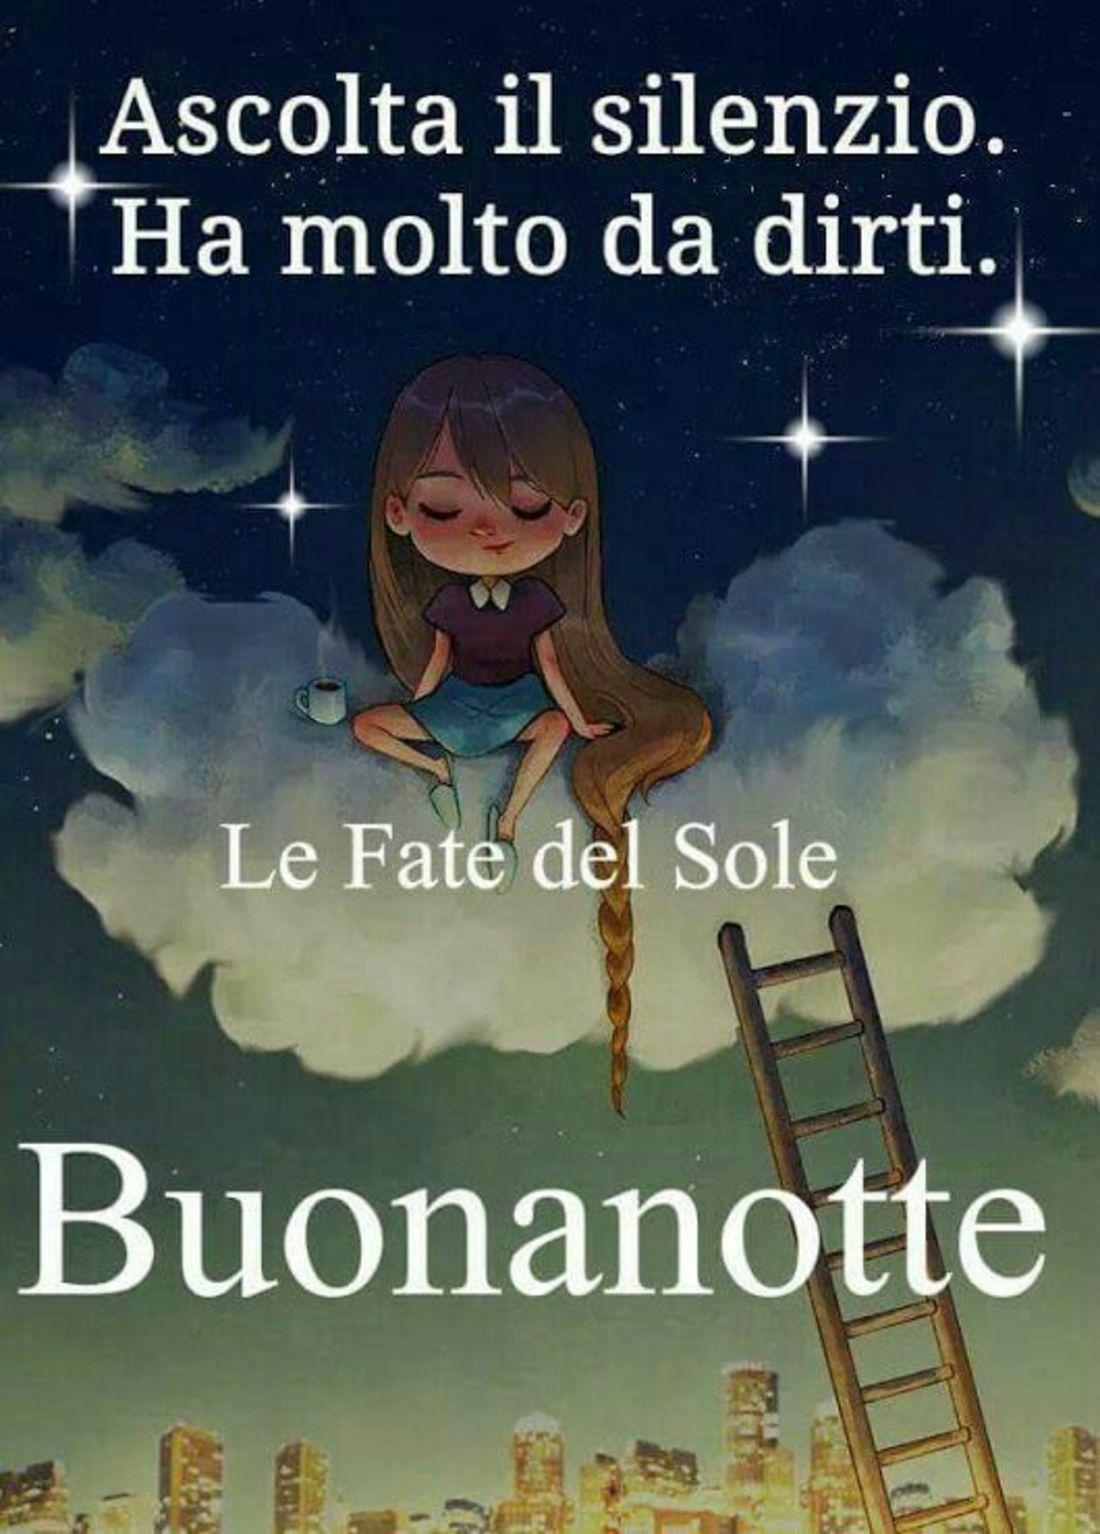 Immagini E Frasi Le Fate Del Sole Idea Gallery